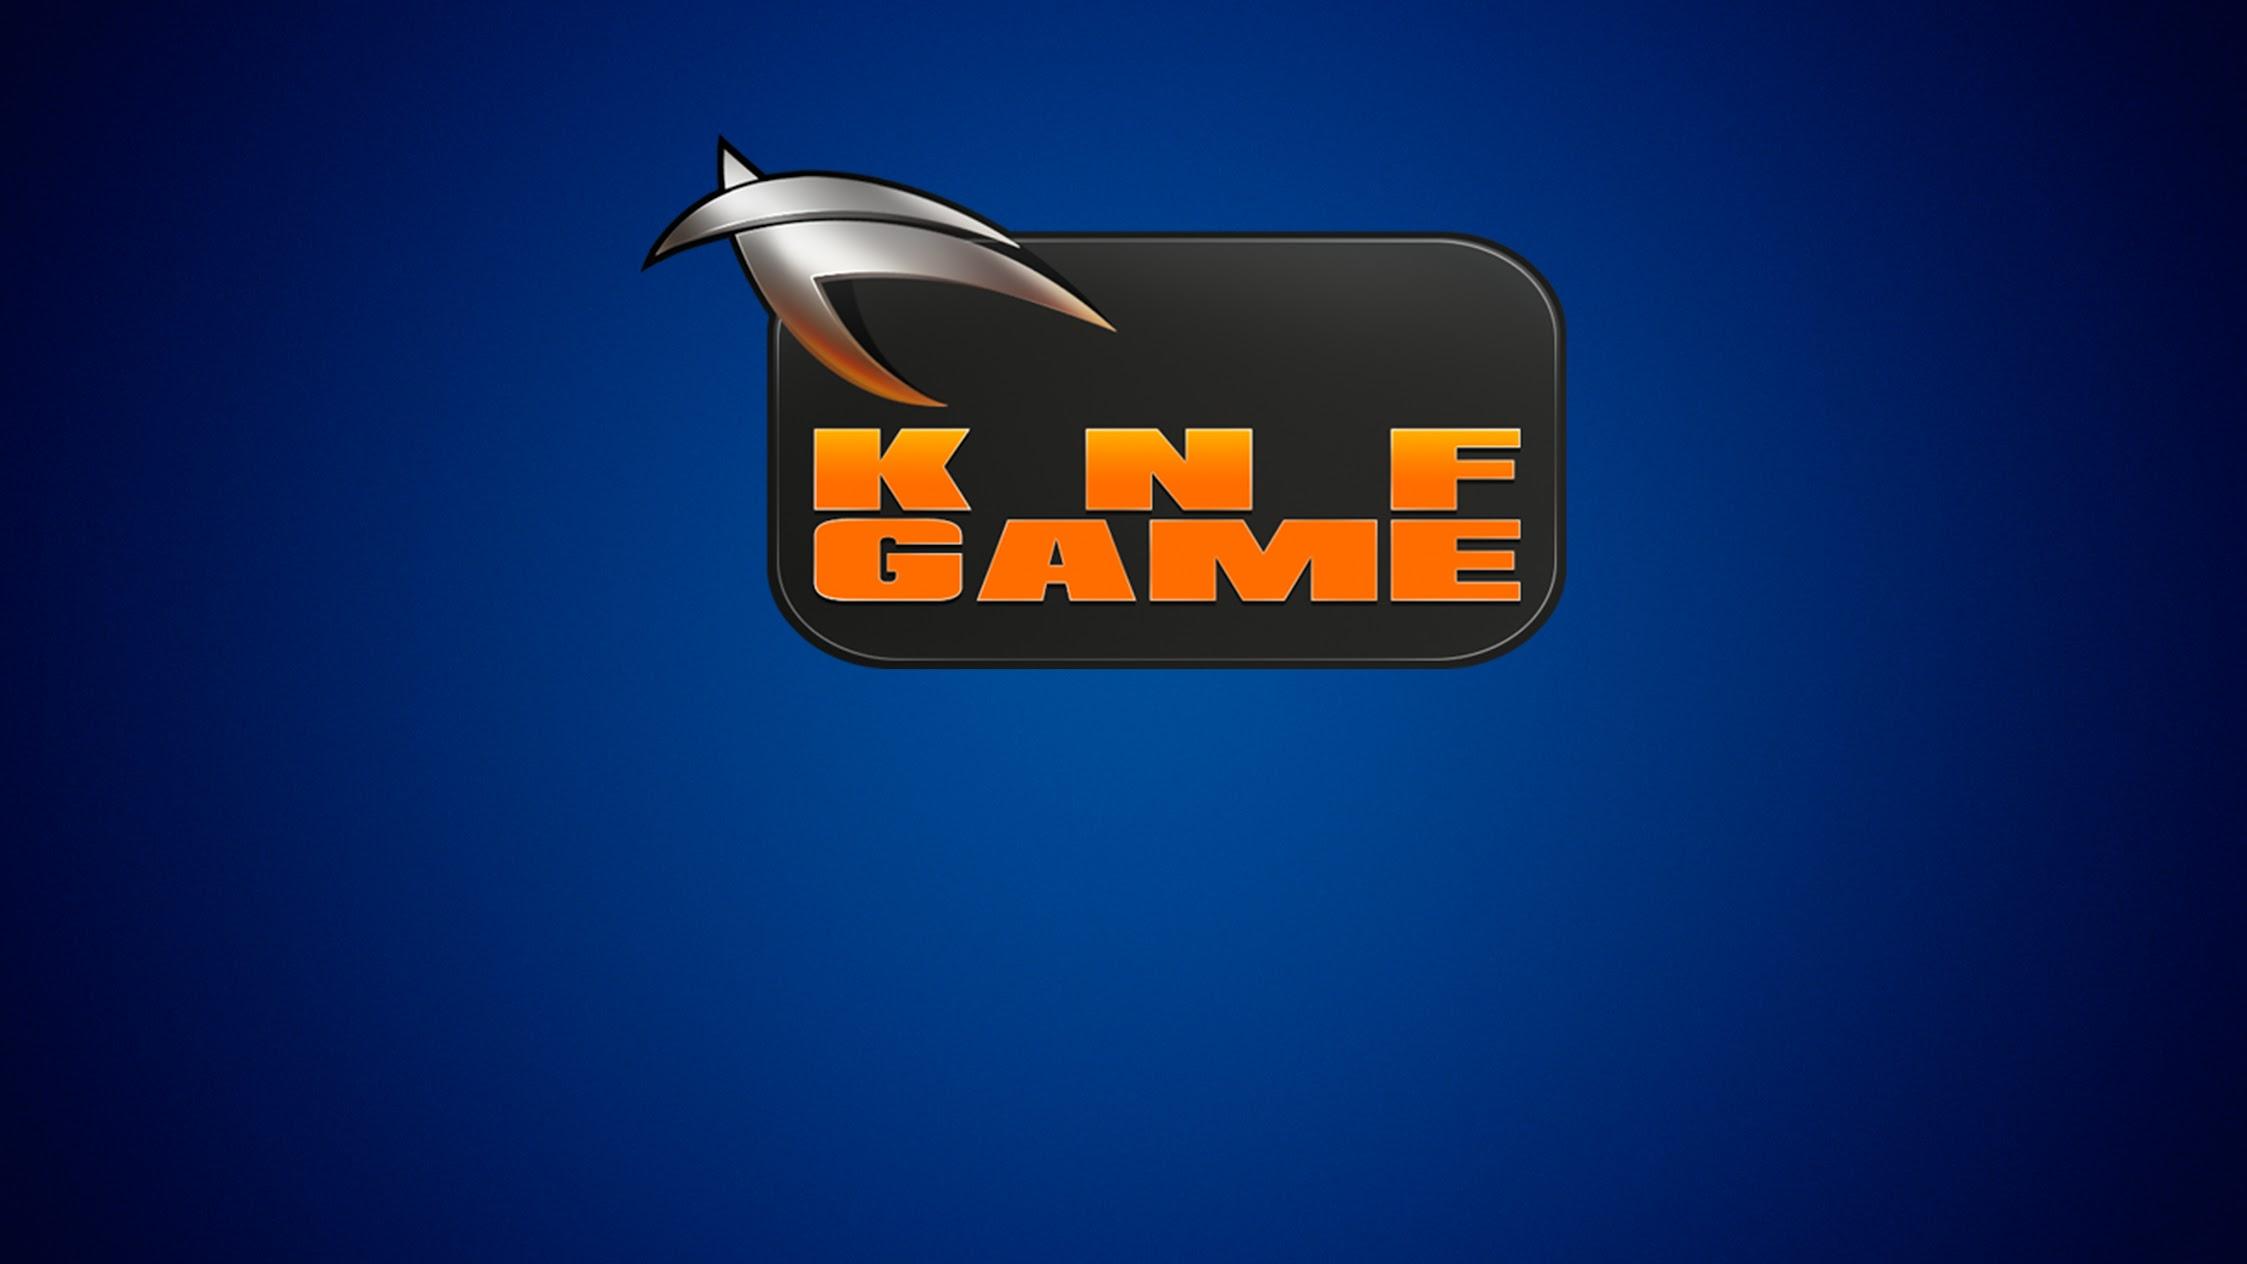 KNF ESCAPE GAME